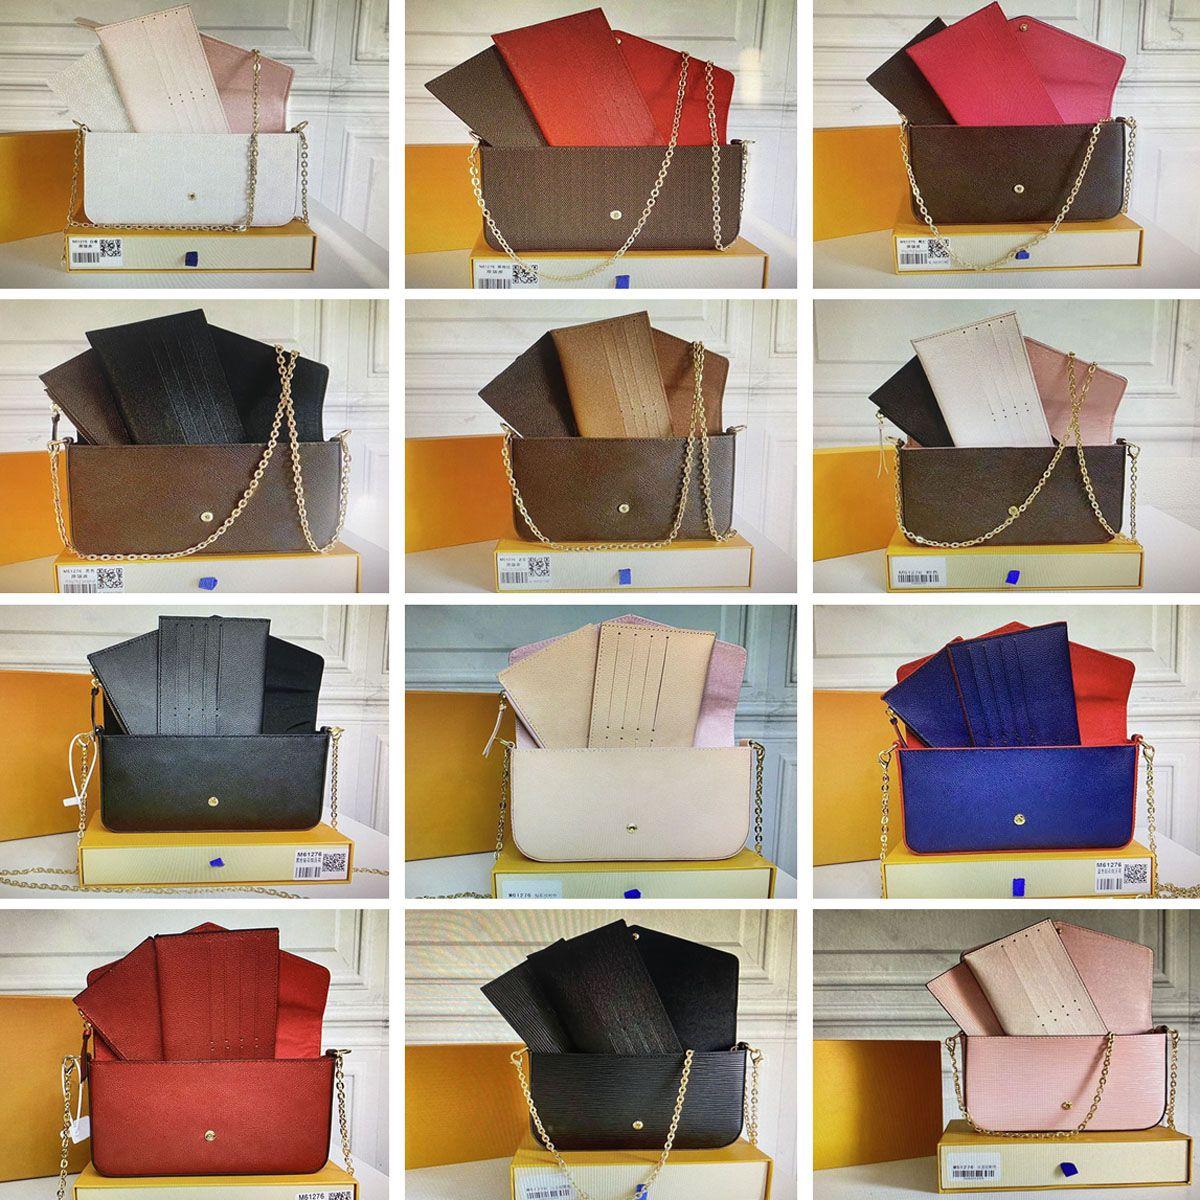 Pochette félicie سلسلة حقيبة الفم الفاخرة مصممين حقائب النساء حقائب الكتف تنقش زهرة الأزياء النسائية crossbody محفظة بطاقة حامل محفظة مع مربع M61276